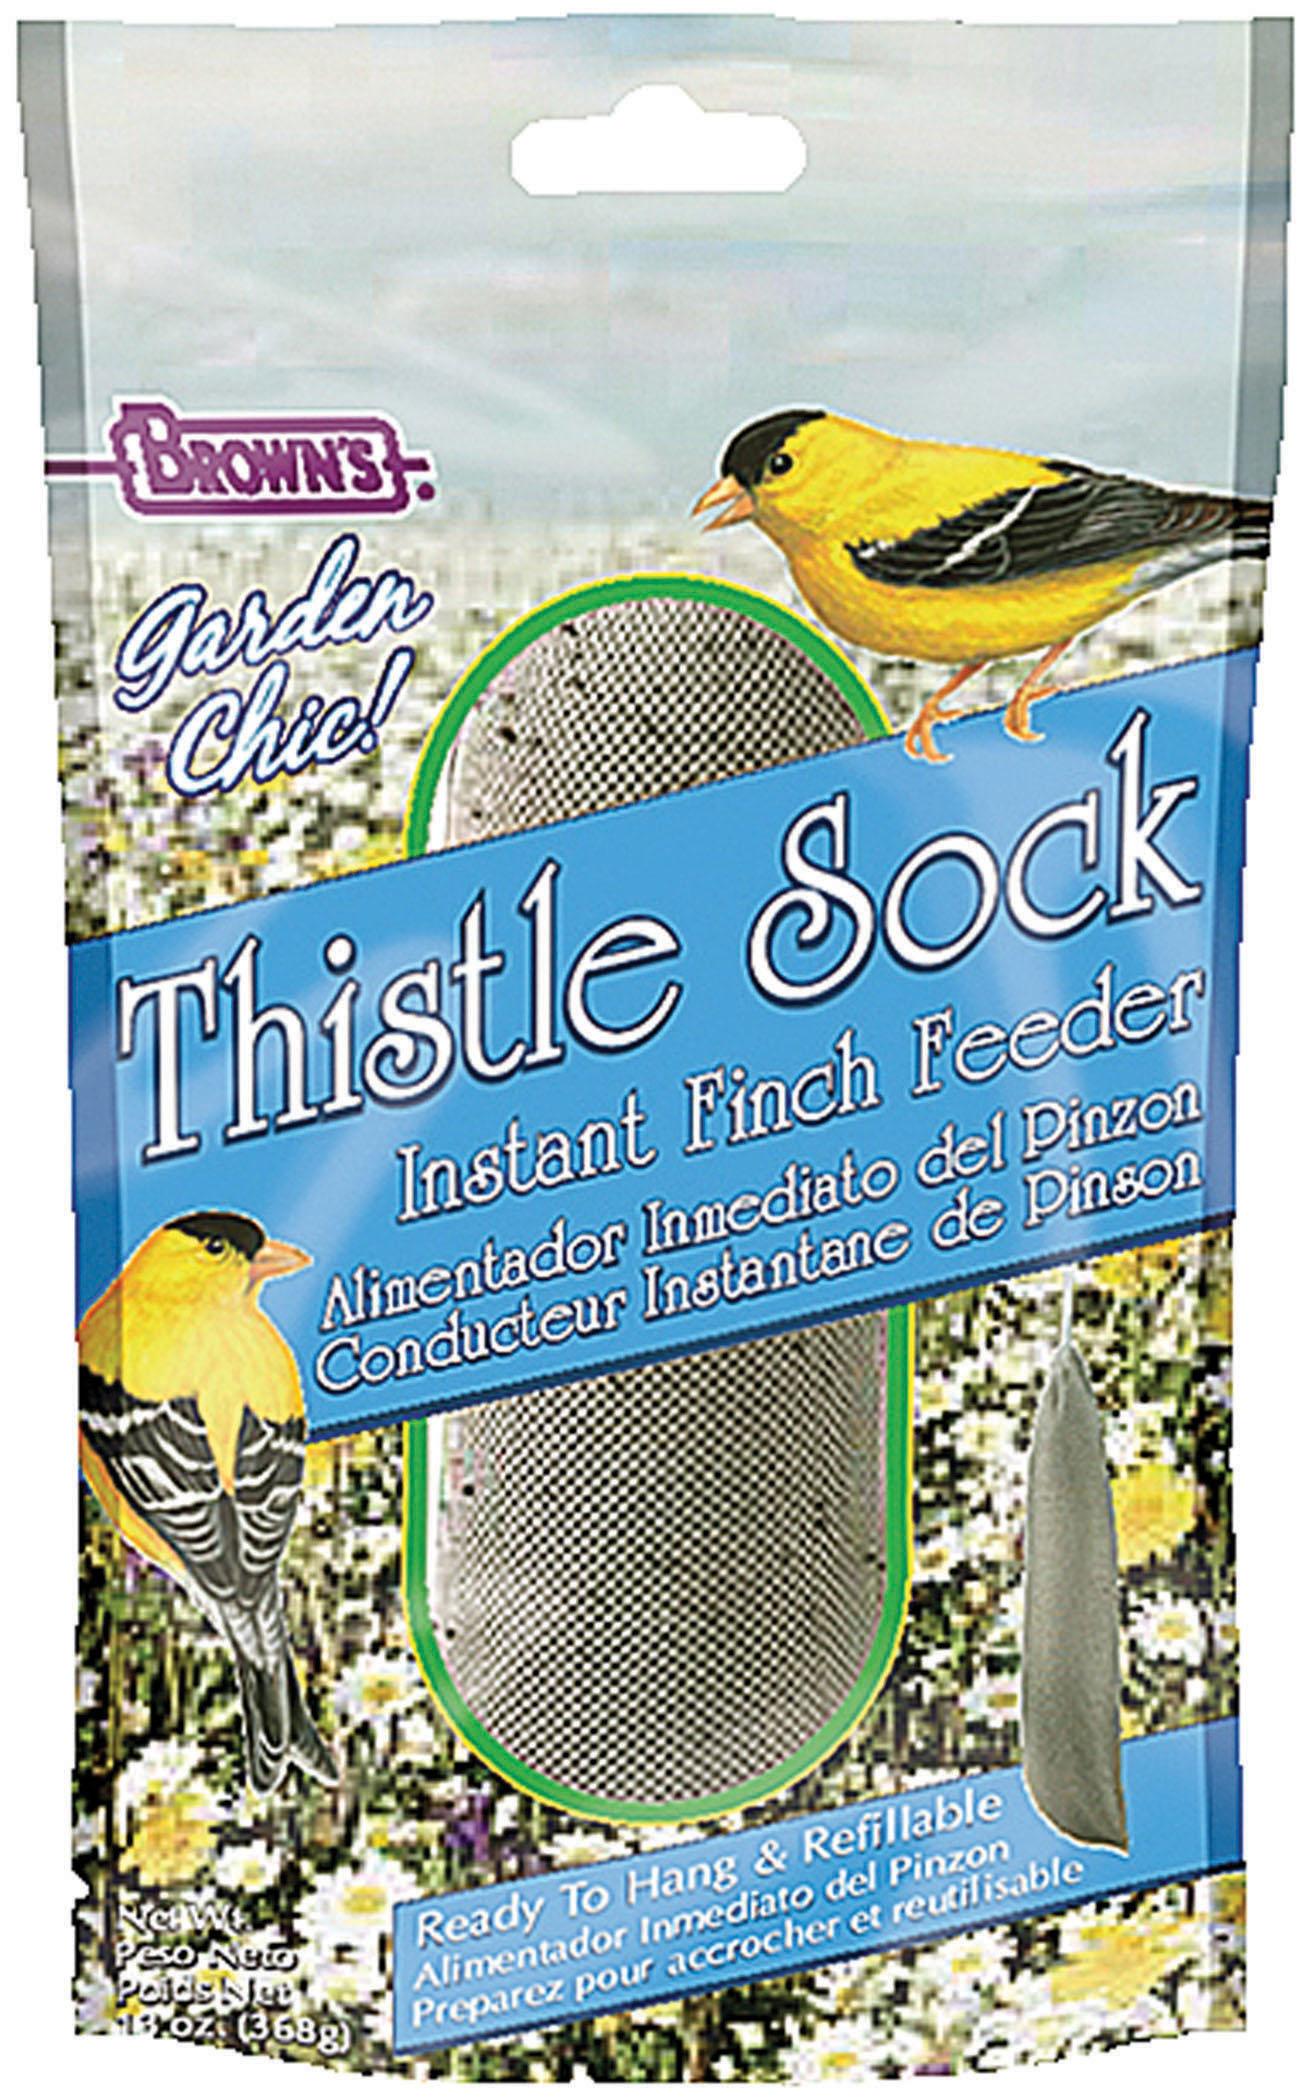 Brown's Garden Chic Thistle Sock Instant Finch Feeder, 13-oz